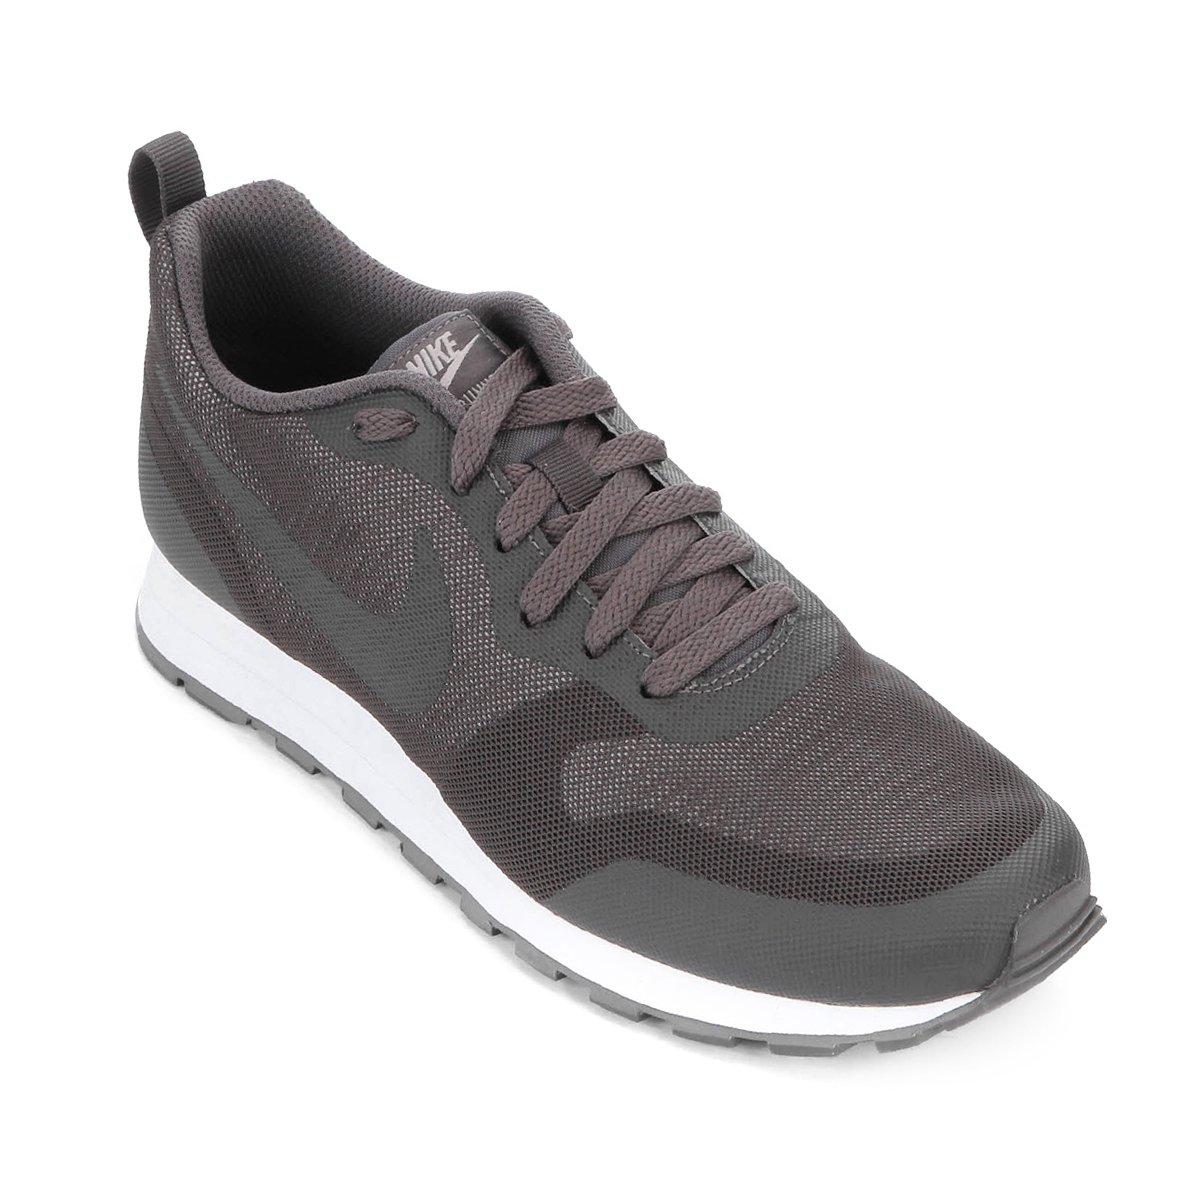 bc0b418d1592d Tênis Nike Md Runner 2 Masculino - Cinza e Preto | Allianz Parque Shop